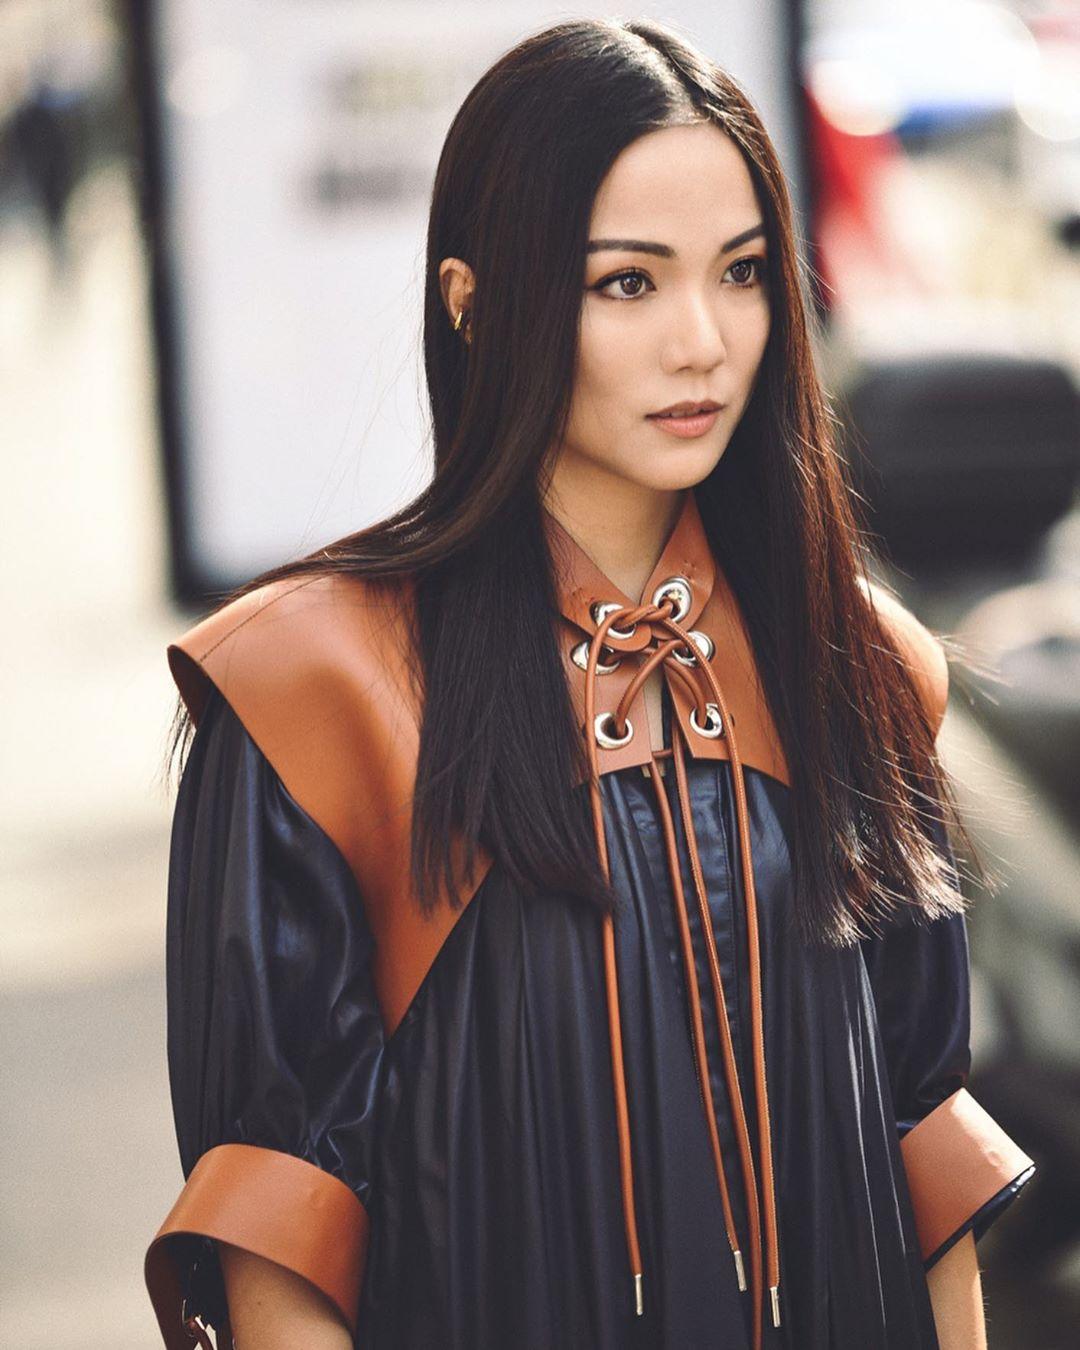 cô gái mặt áo denim và đồ da nâu tóc đen dài